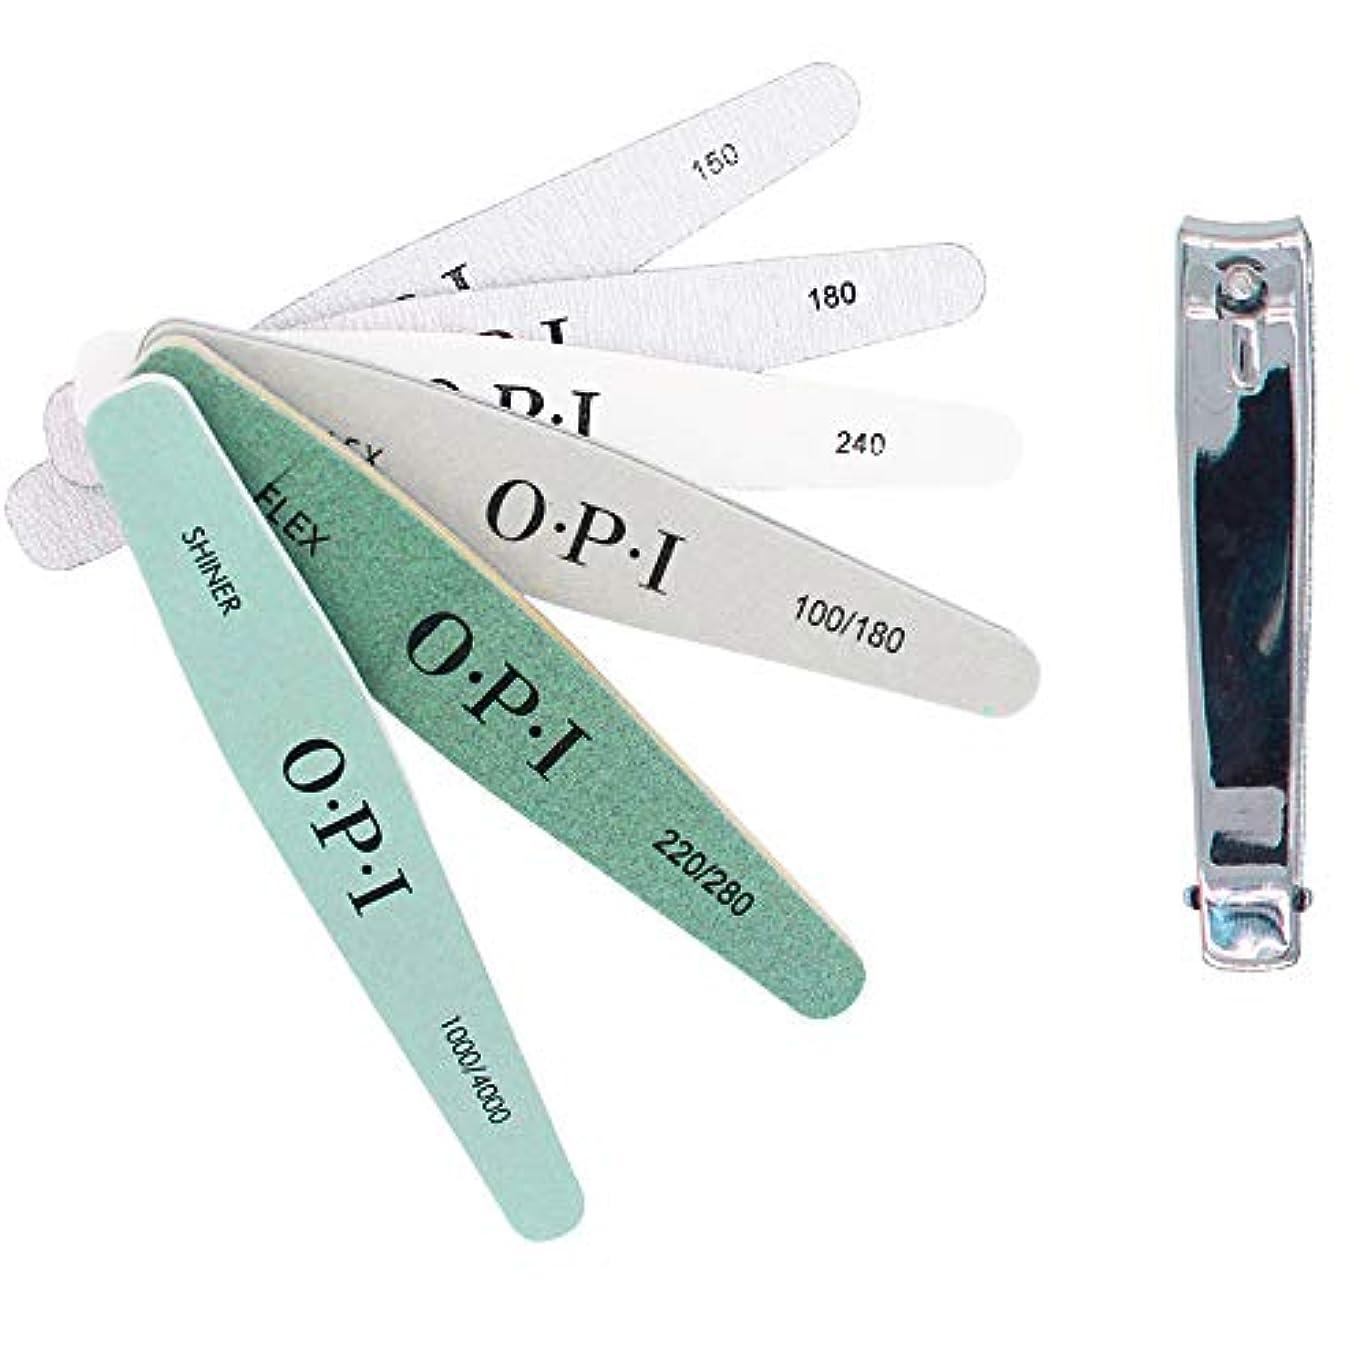 はっきりと献身パイプKINYOOOスポンジファイル、爪やすり、ネイルをつやつやに、のネイルツール、 150/180/200/240/280/1000/4000と(1 PCSメタルネイルはさみ)、ネイルケア用化粧マニキュアペディキュアセット。